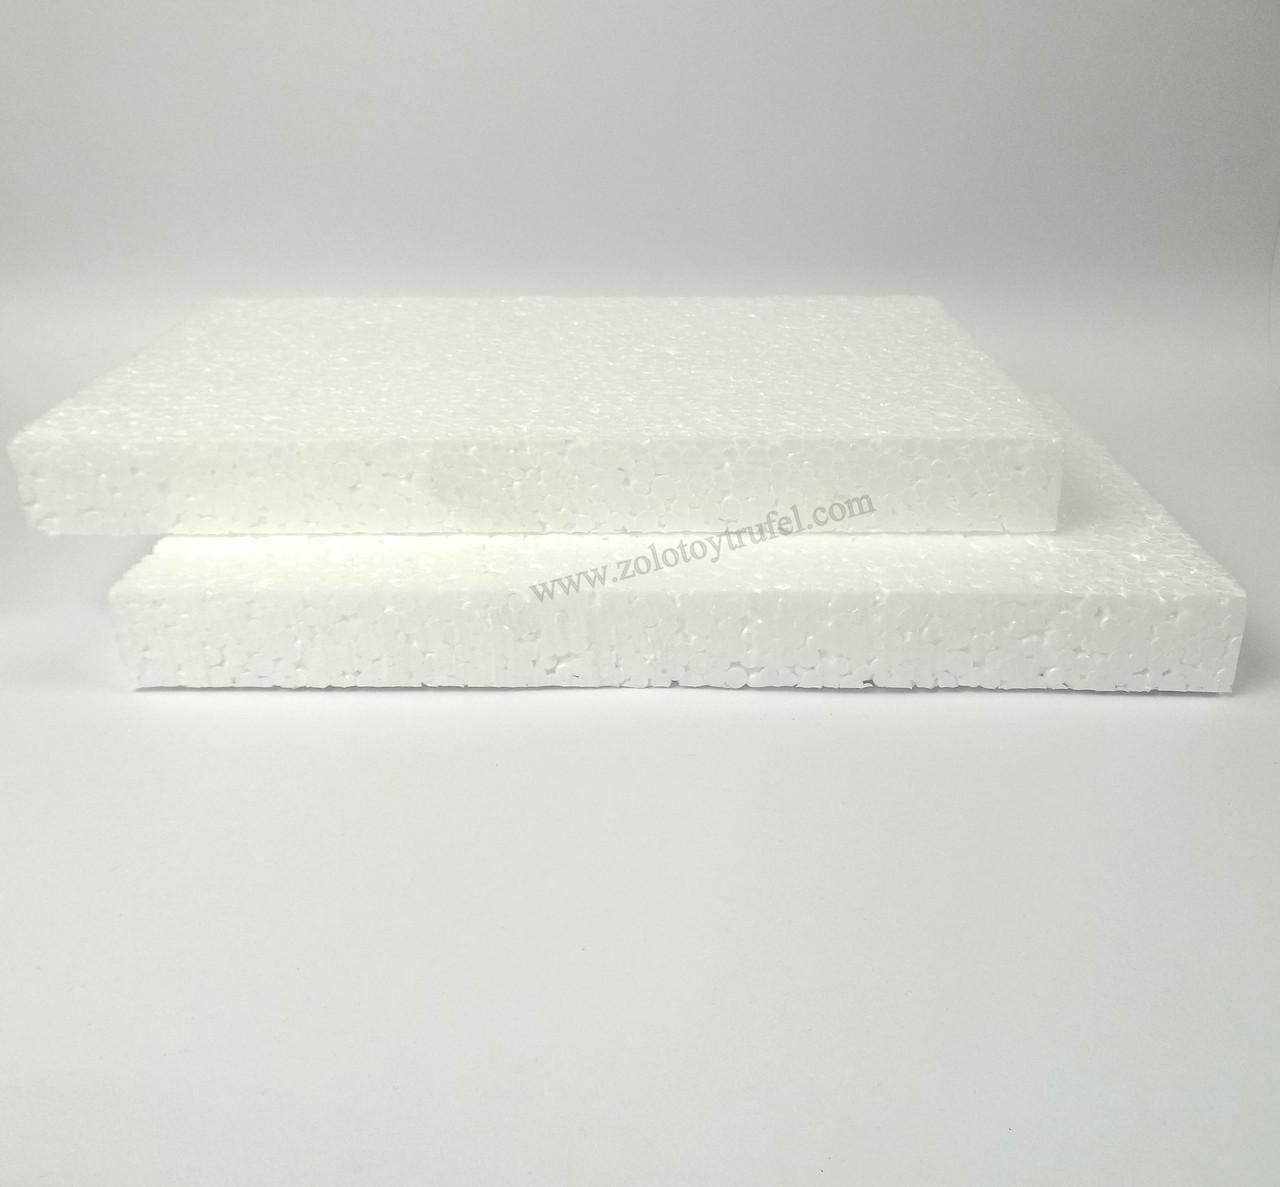 Прослойка пенопластовая для торта 35*45 см h 3 см